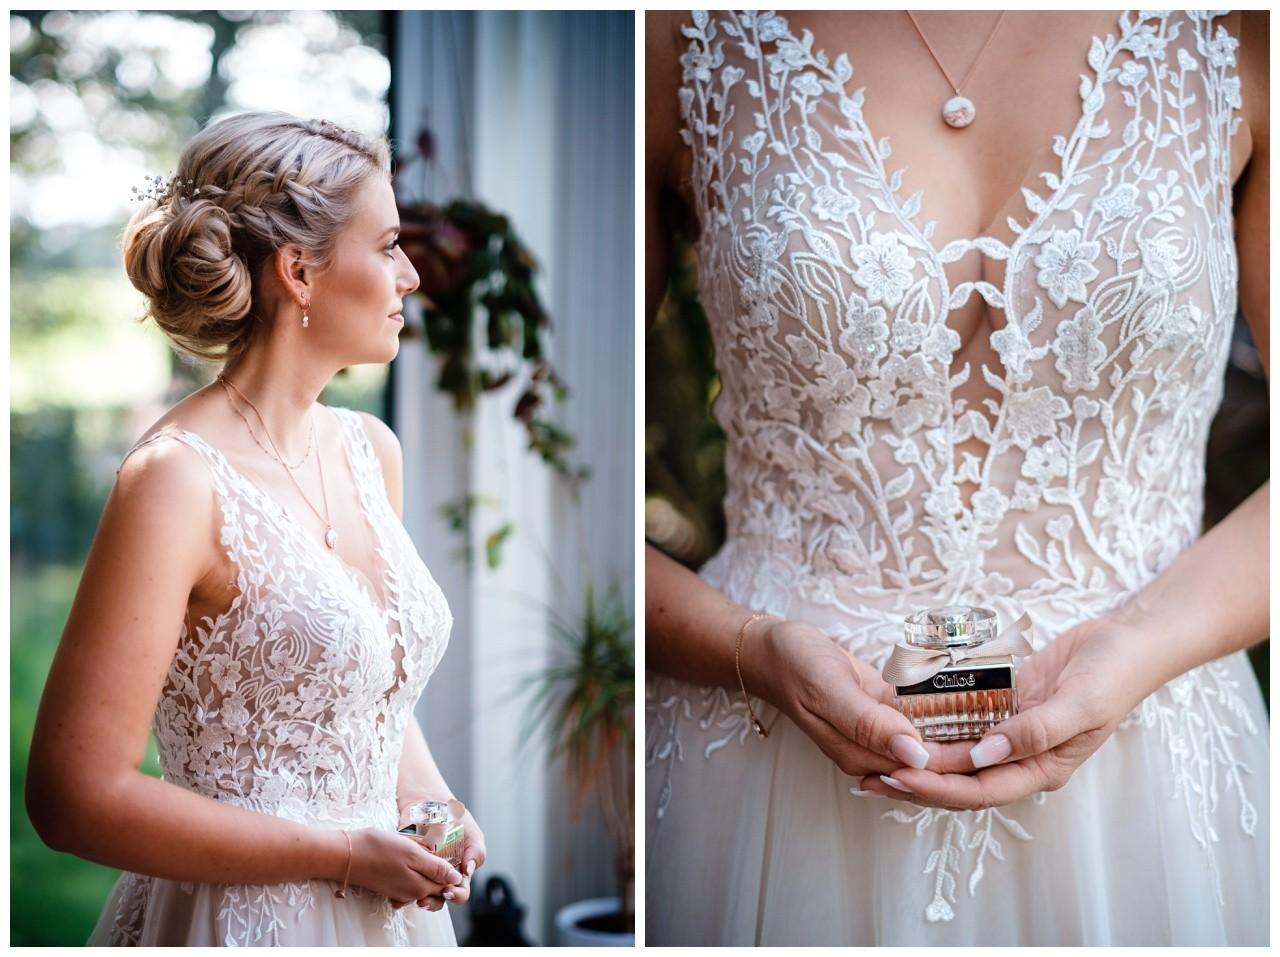 Gartenhochzeit hochzeit garten draussen fotograf corona hochzeitsfotograf 27 - DIY Hochzeit im Garten